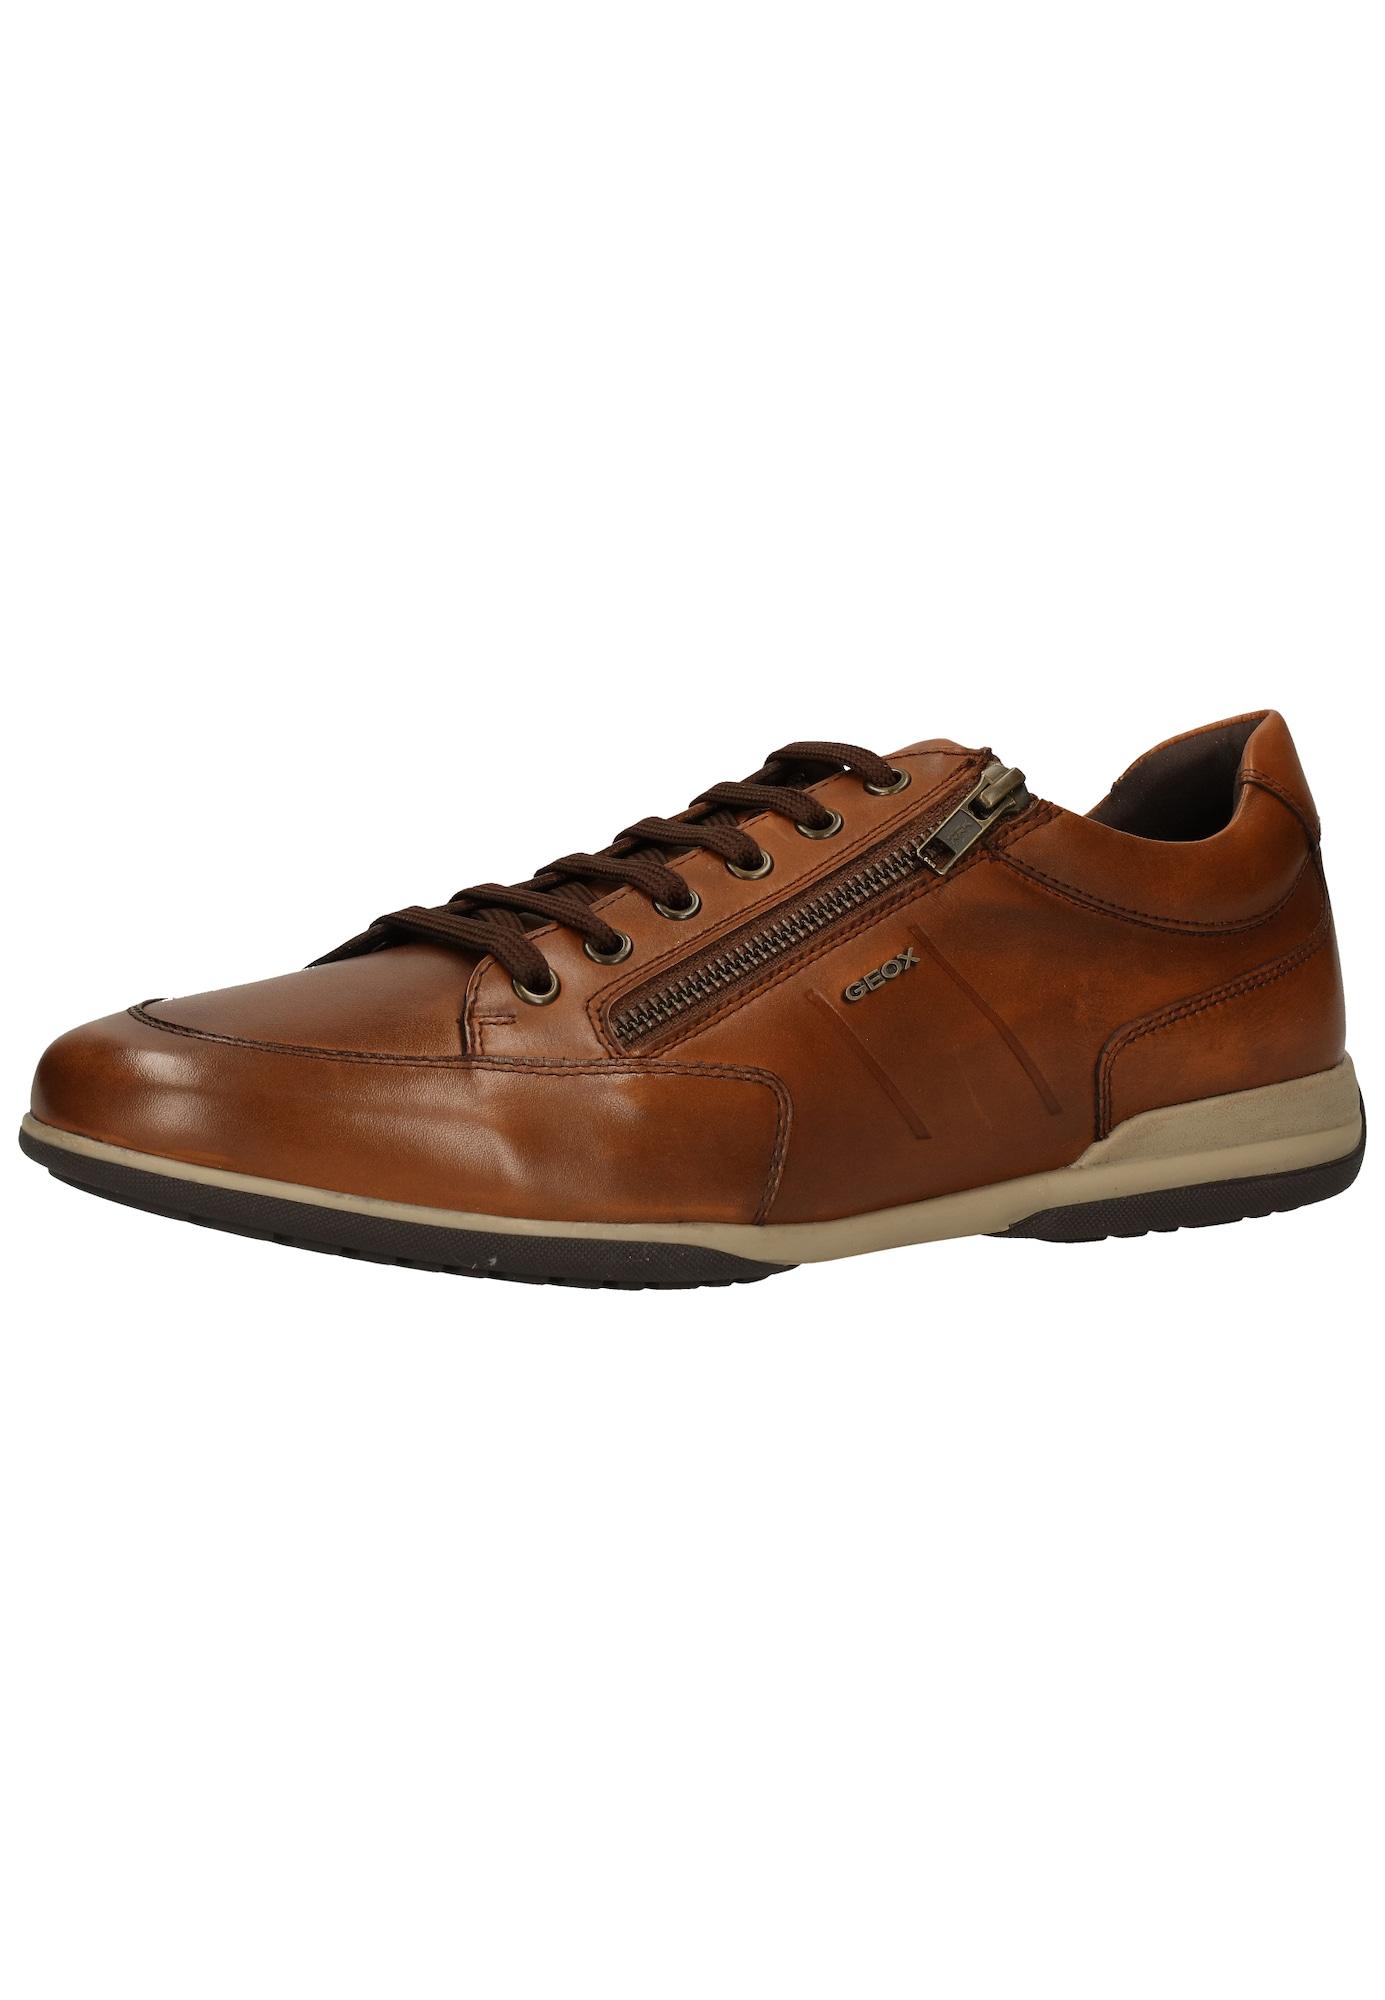 GEOX Sportinio stiliaus batai su raišteliais